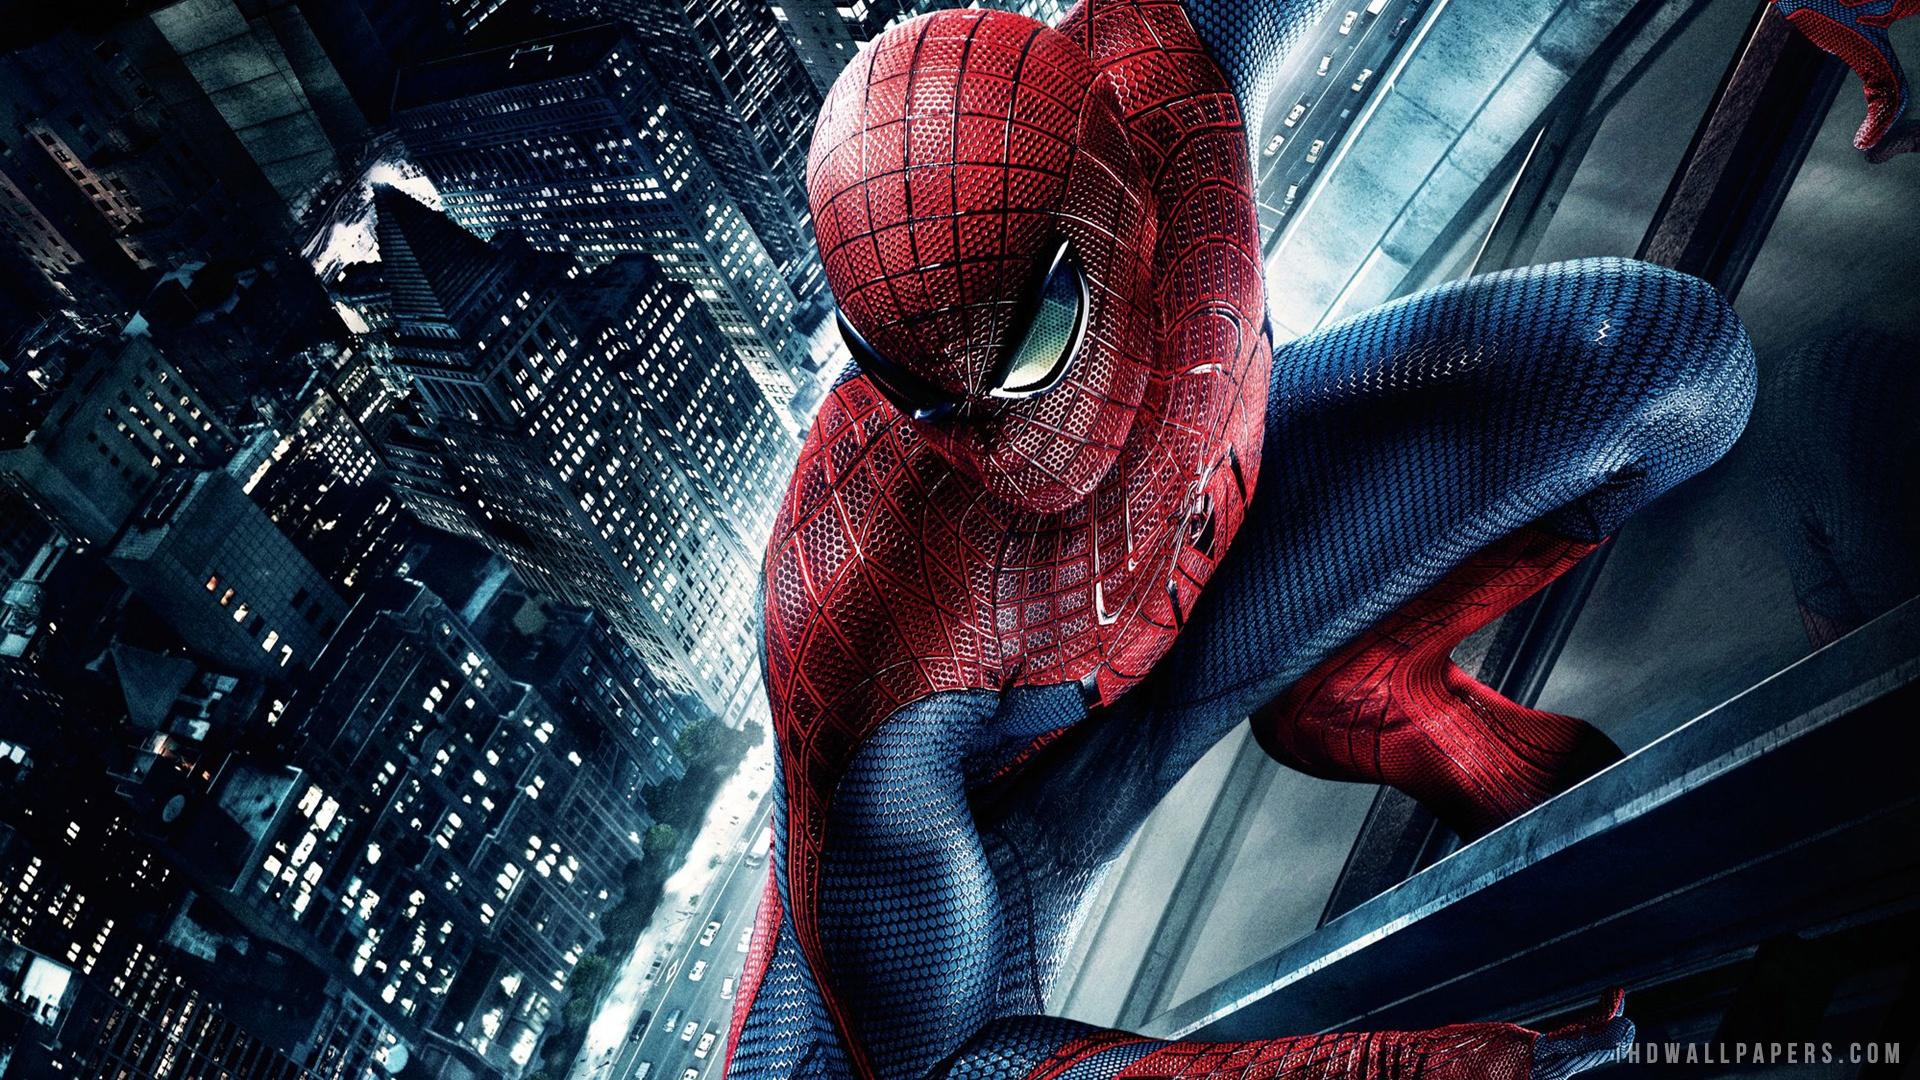 Amazing Spider Man Movie HD Wide Wallpaper   1920x1080 Resolution 1920x1080